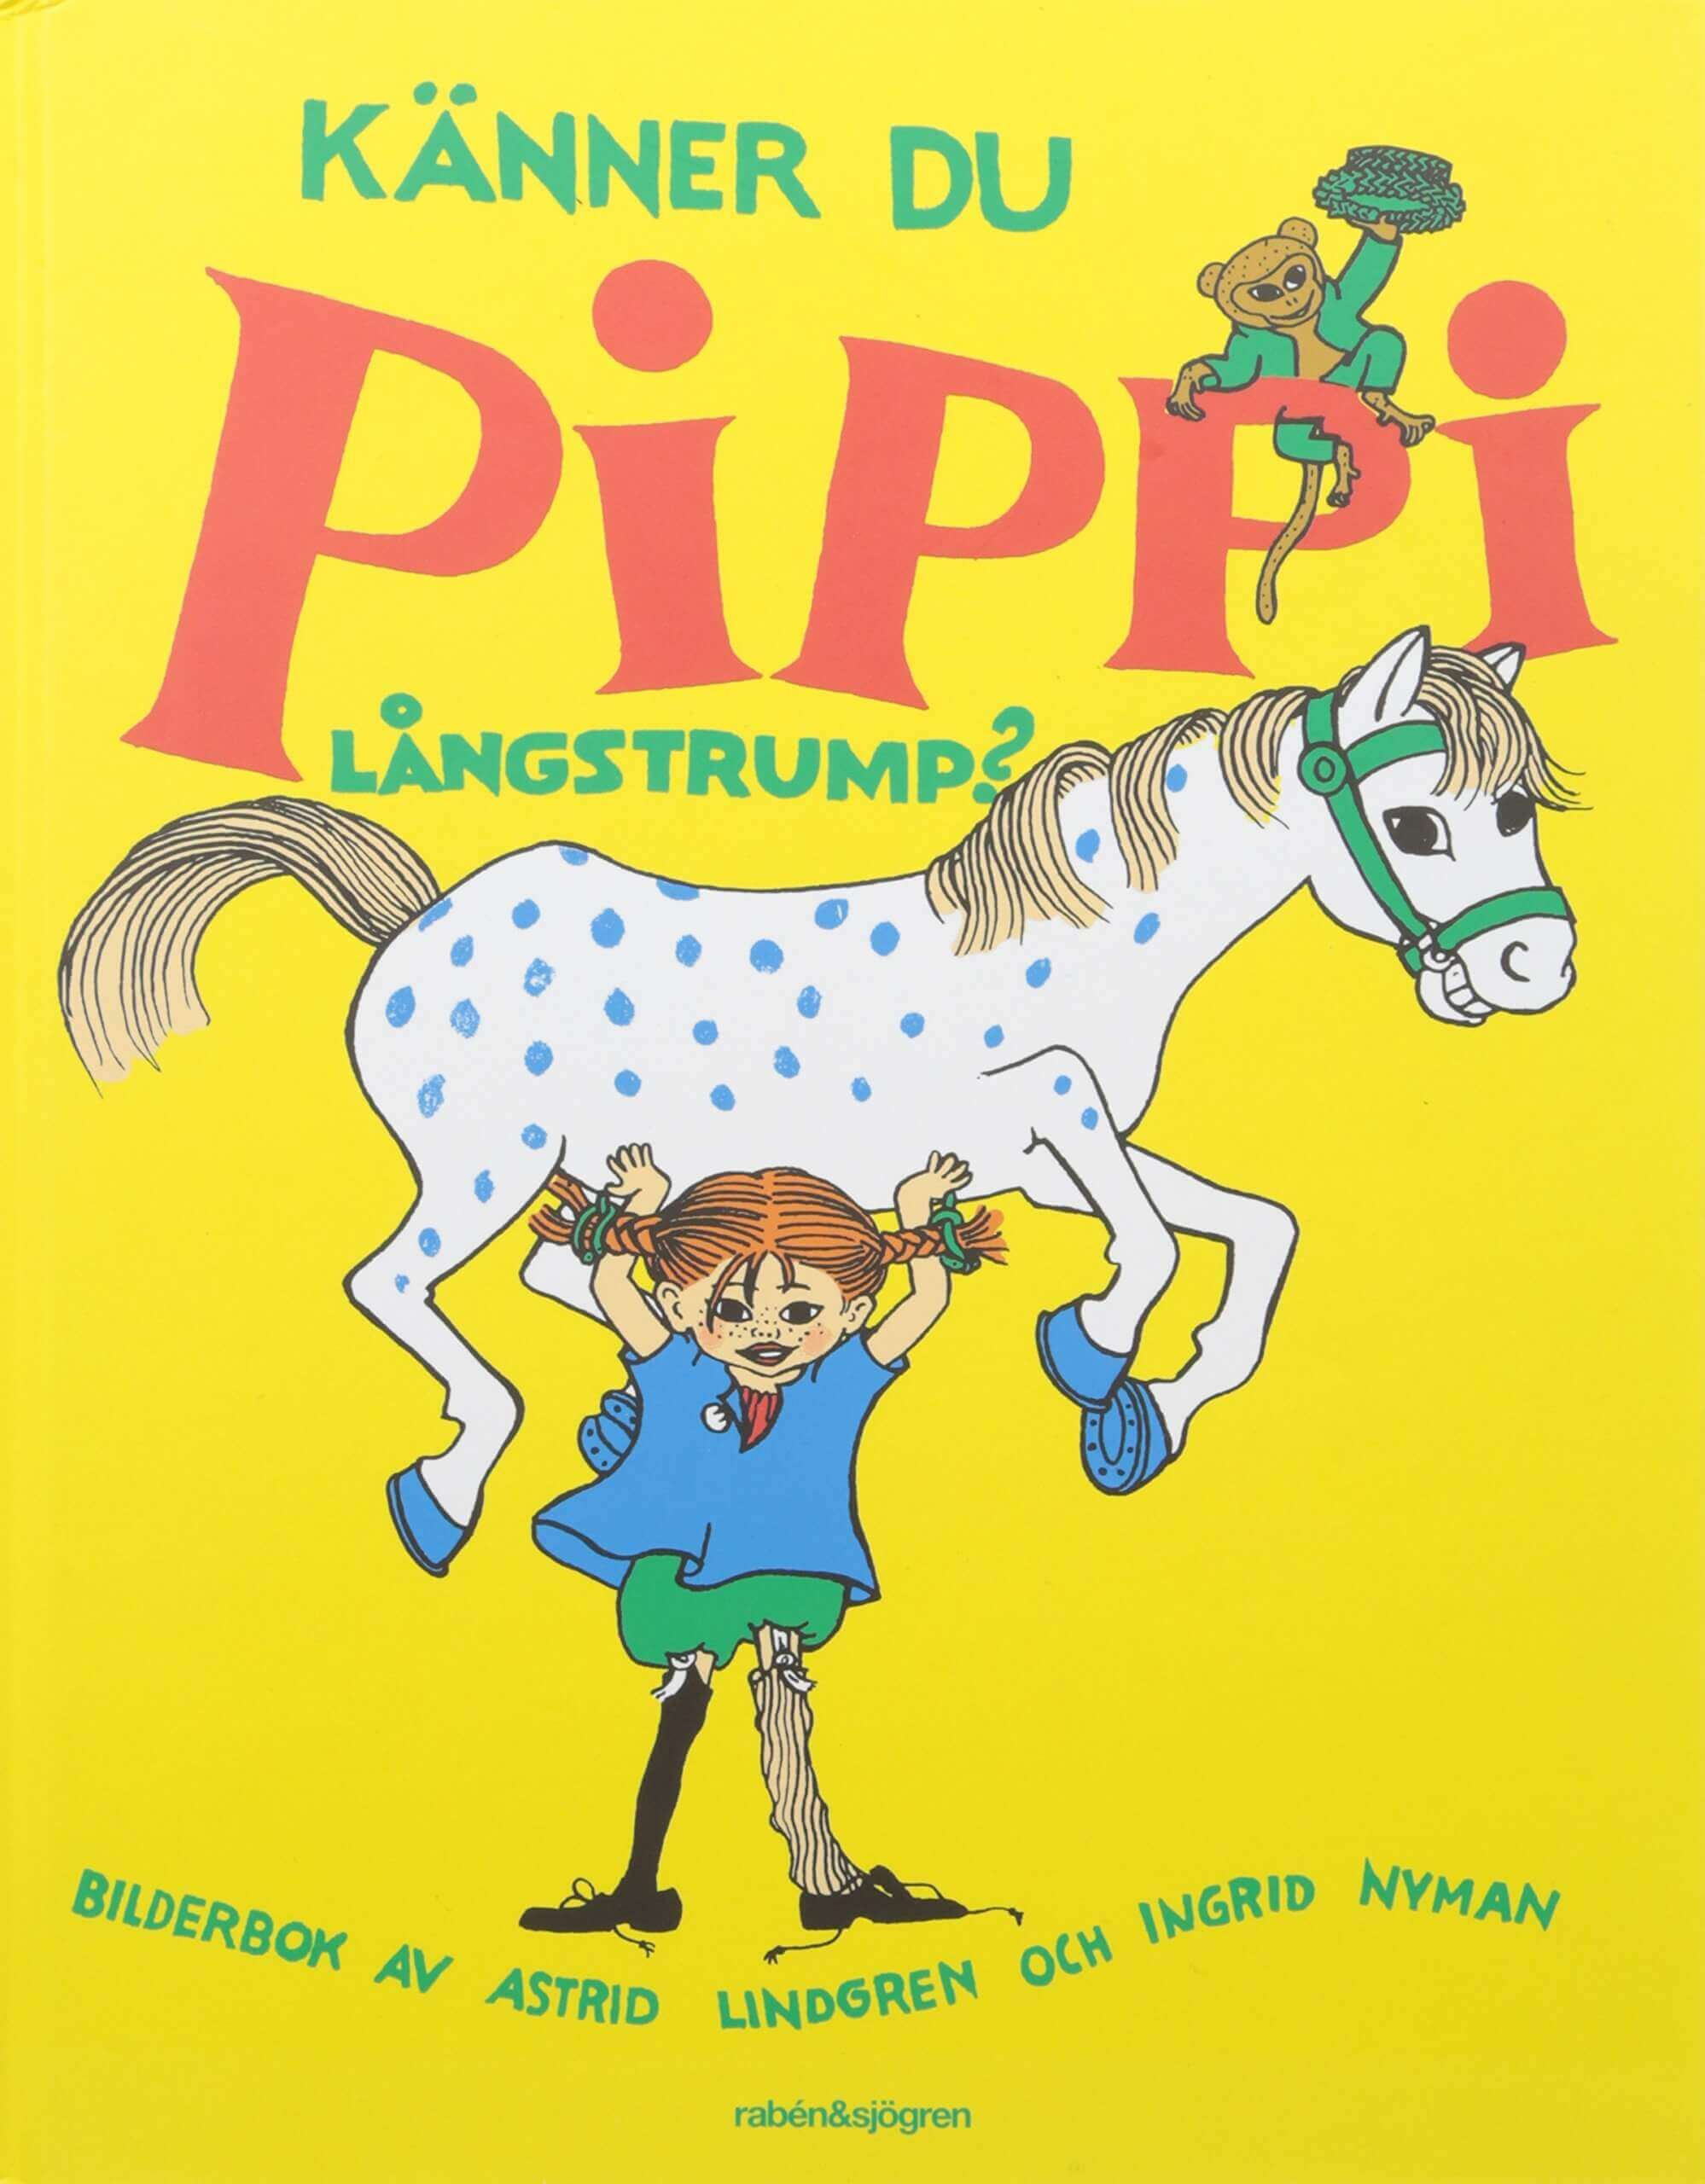 Pippi Långstrump av Astrid Lindgren. Pippis vänner var Tommy och Annika